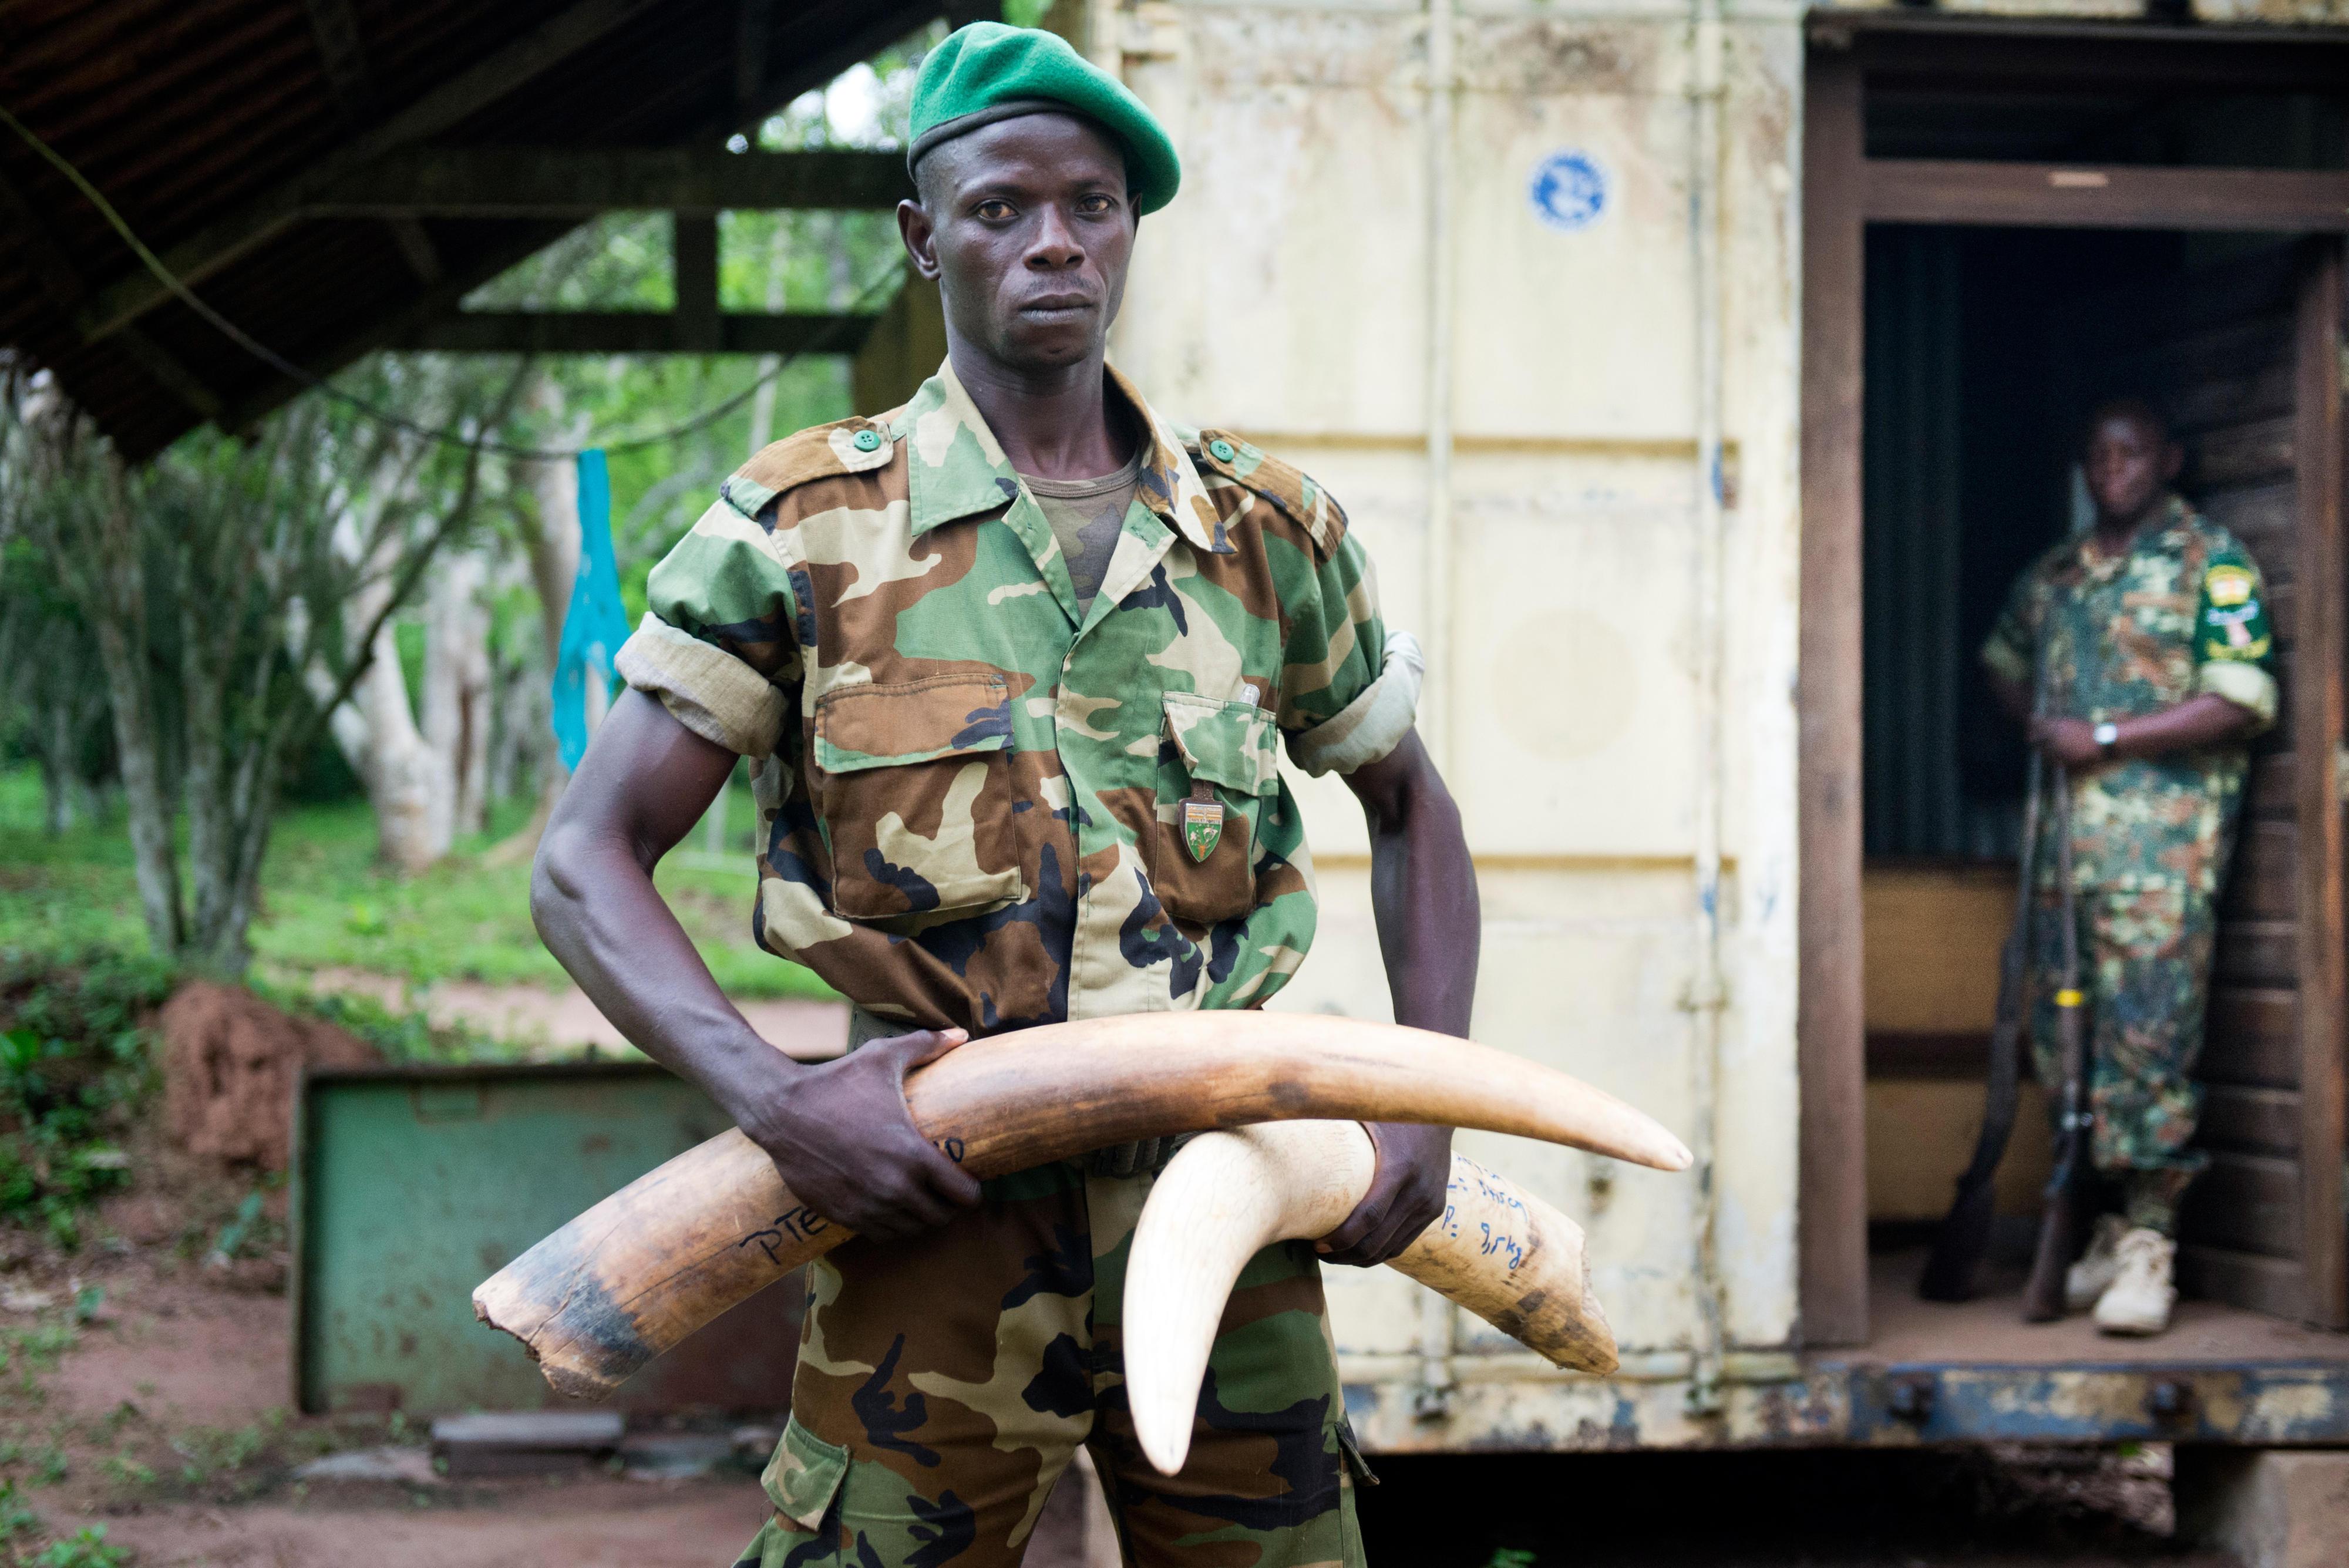 Ein Soldat der Eco-Guards im Dzanga-Nationalparks im Dreiländereck Kongo, Kamerun und Zentralafrikanische Republikzeigt Elfenbeinstoßzähne von Waldelefanten, die bei Wilderern konfisziert wurden.